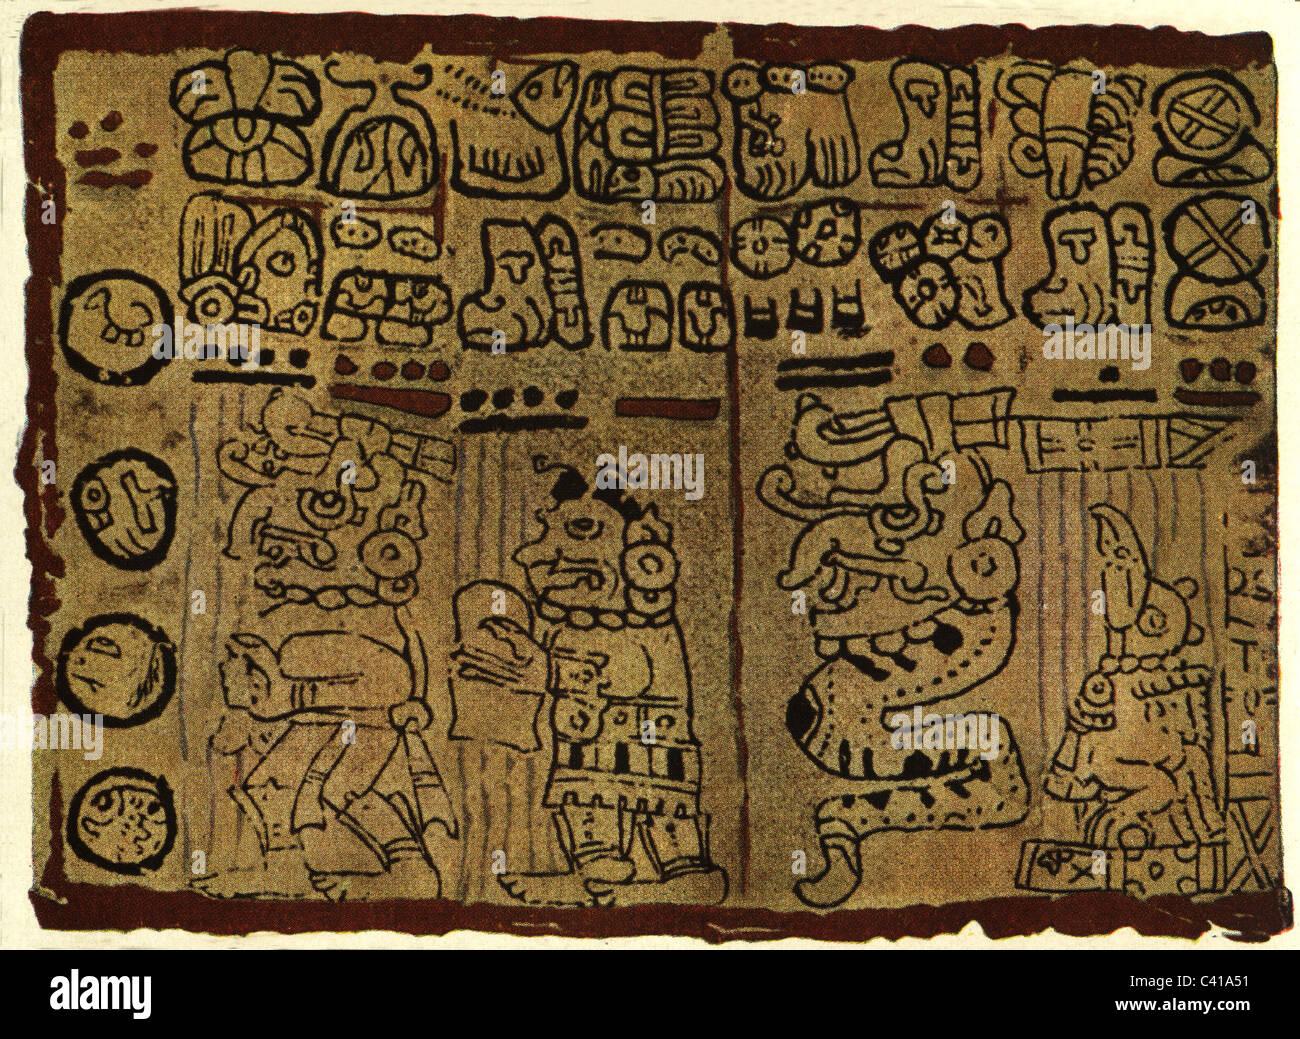 writing, script, South America, Maya, fragment of a Mayan tonalamatl, Tonalamatl, Alamatl, clay, colour printing, - Stock Image